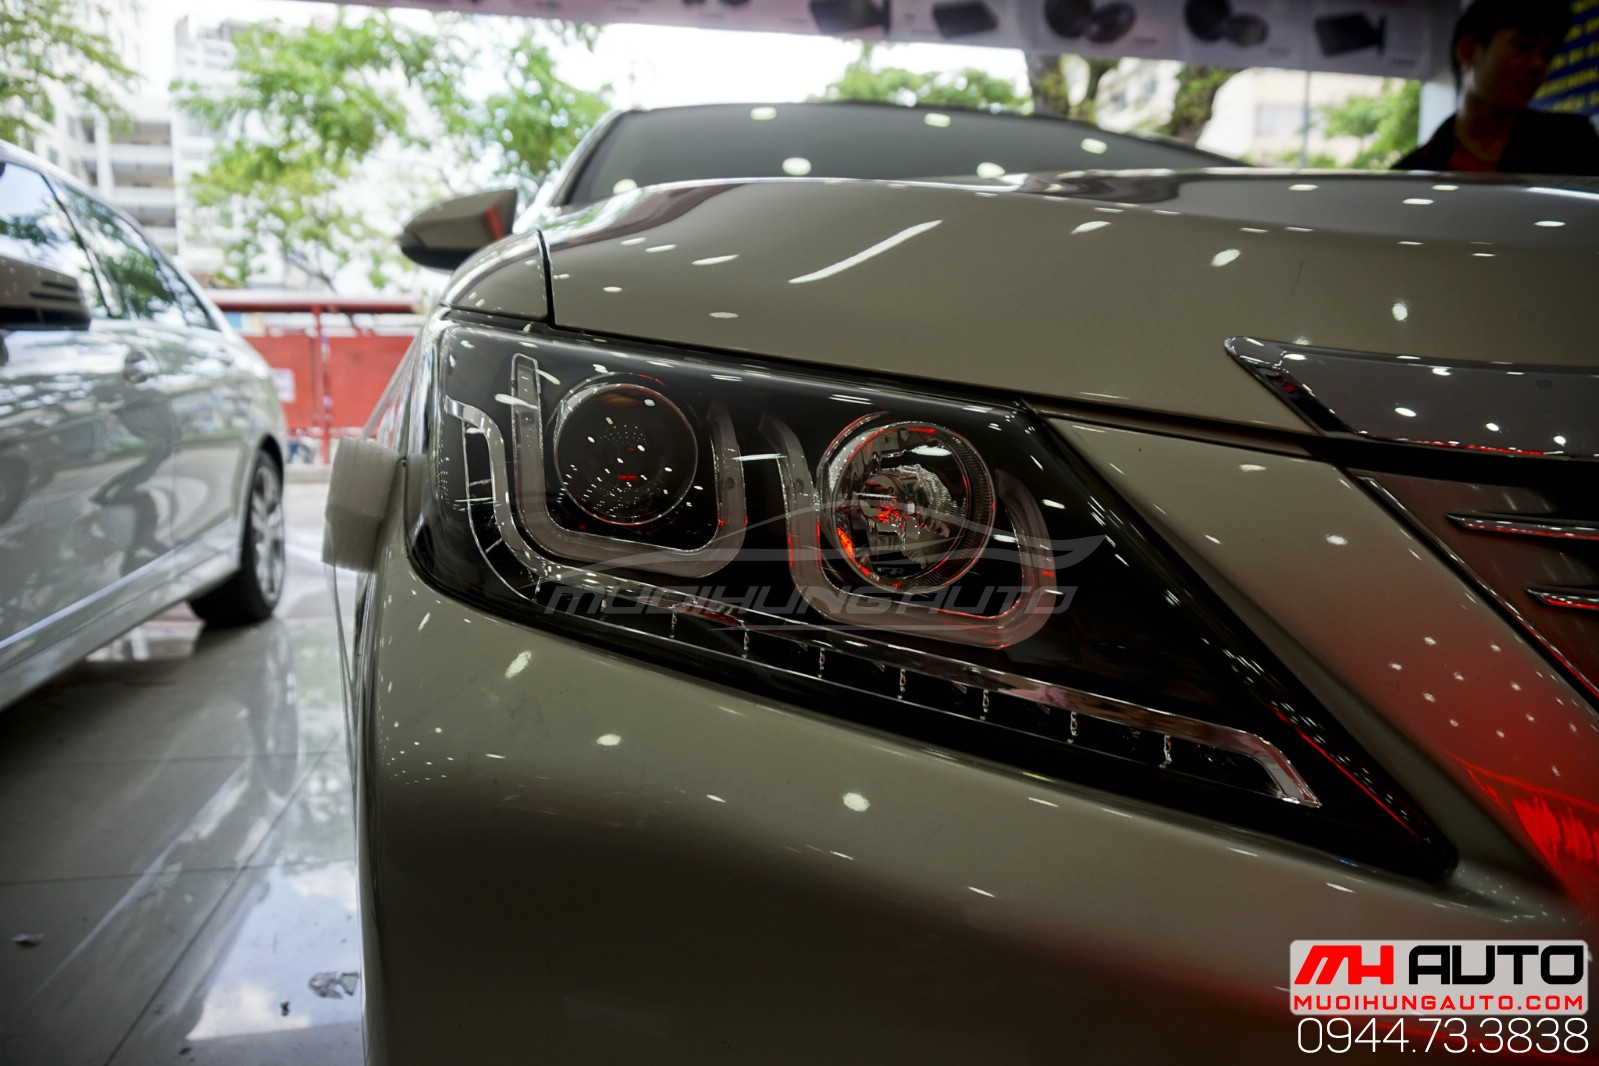 Xe Camry 2014 thay đèn nguyên cụm kiểu BMW